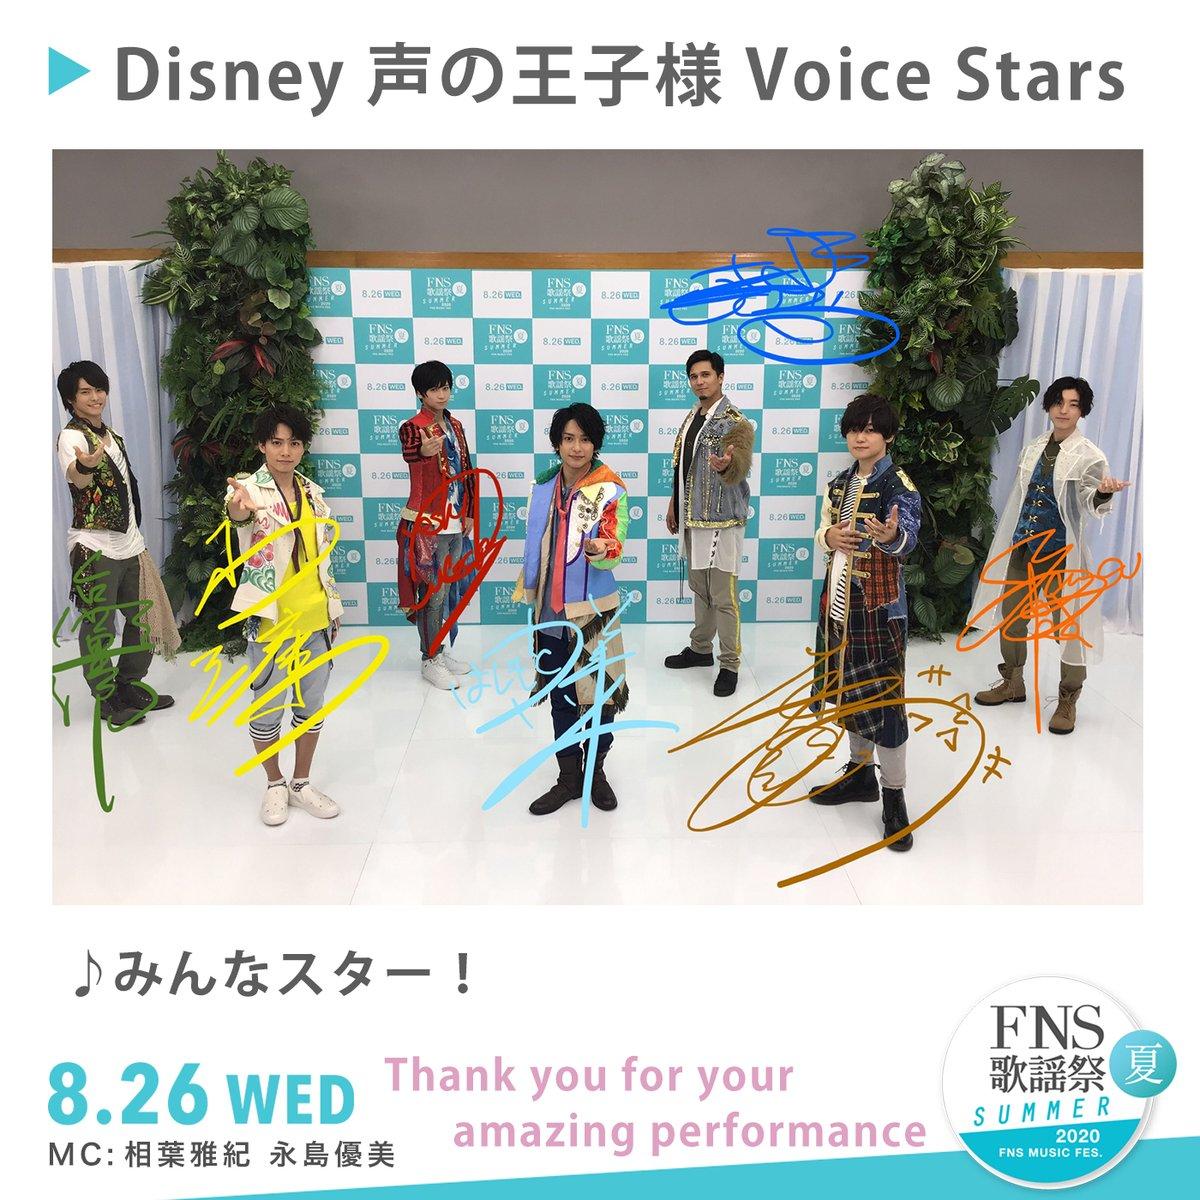 フジテレビ系列で放送中📺 🌴FNS歌謡祭 夏🌴  Disney 声の王子様 Voice Stars の皆さん 大盛り上がりのみんなスター